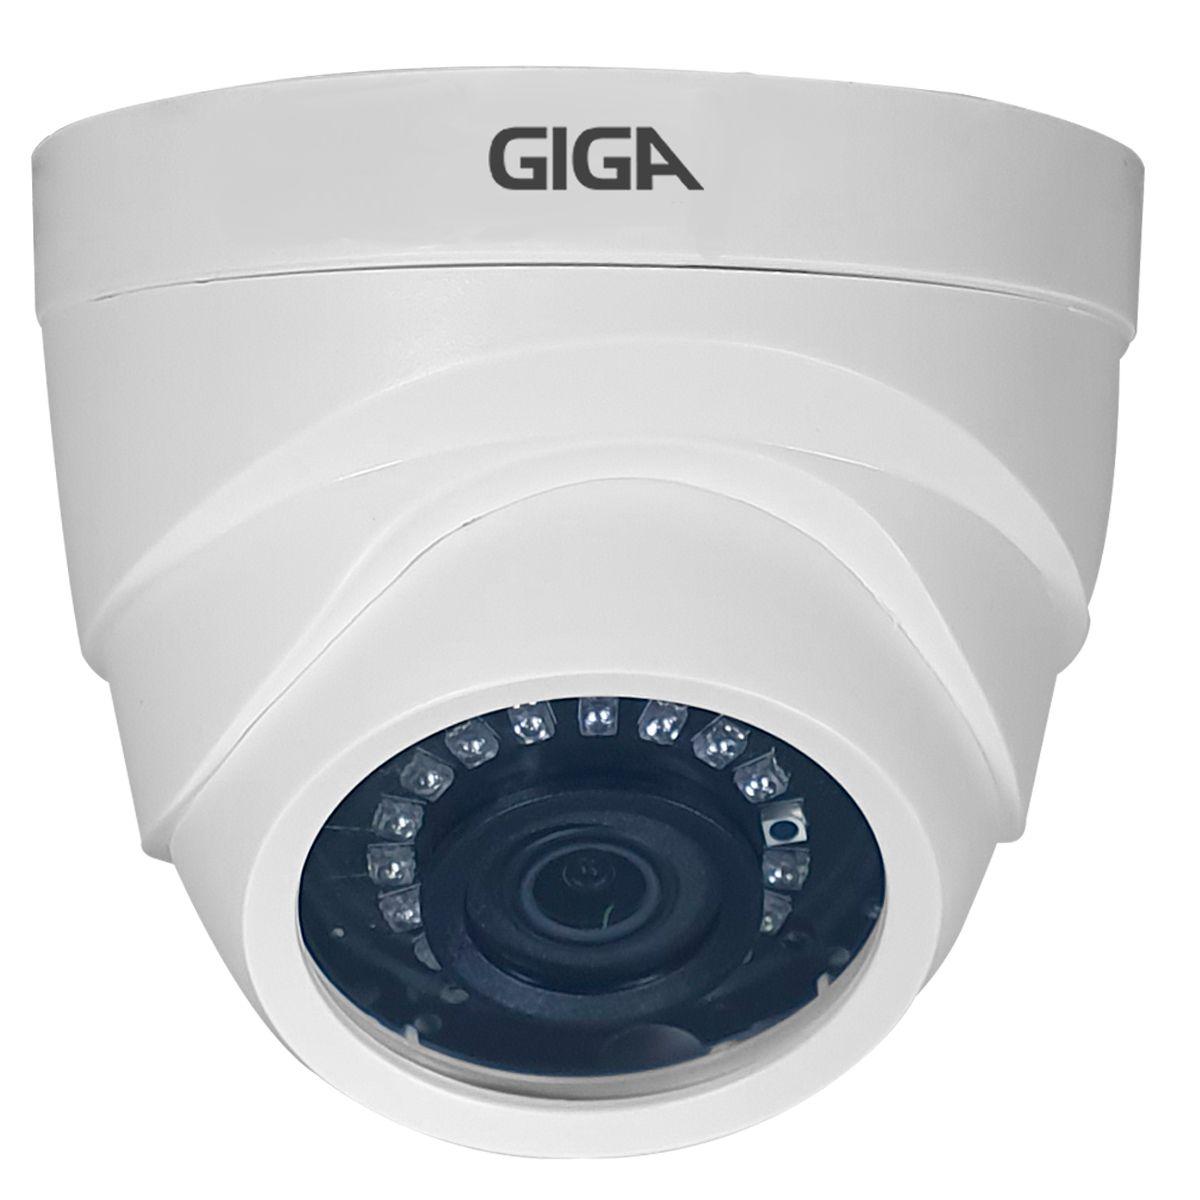 camera-de-seguranca-giga-gs0019-orion-1mp-hd-720p-visao-noturna-infravermelho-20-metros-4-em-1-hdcvi-hdtvi-ahd